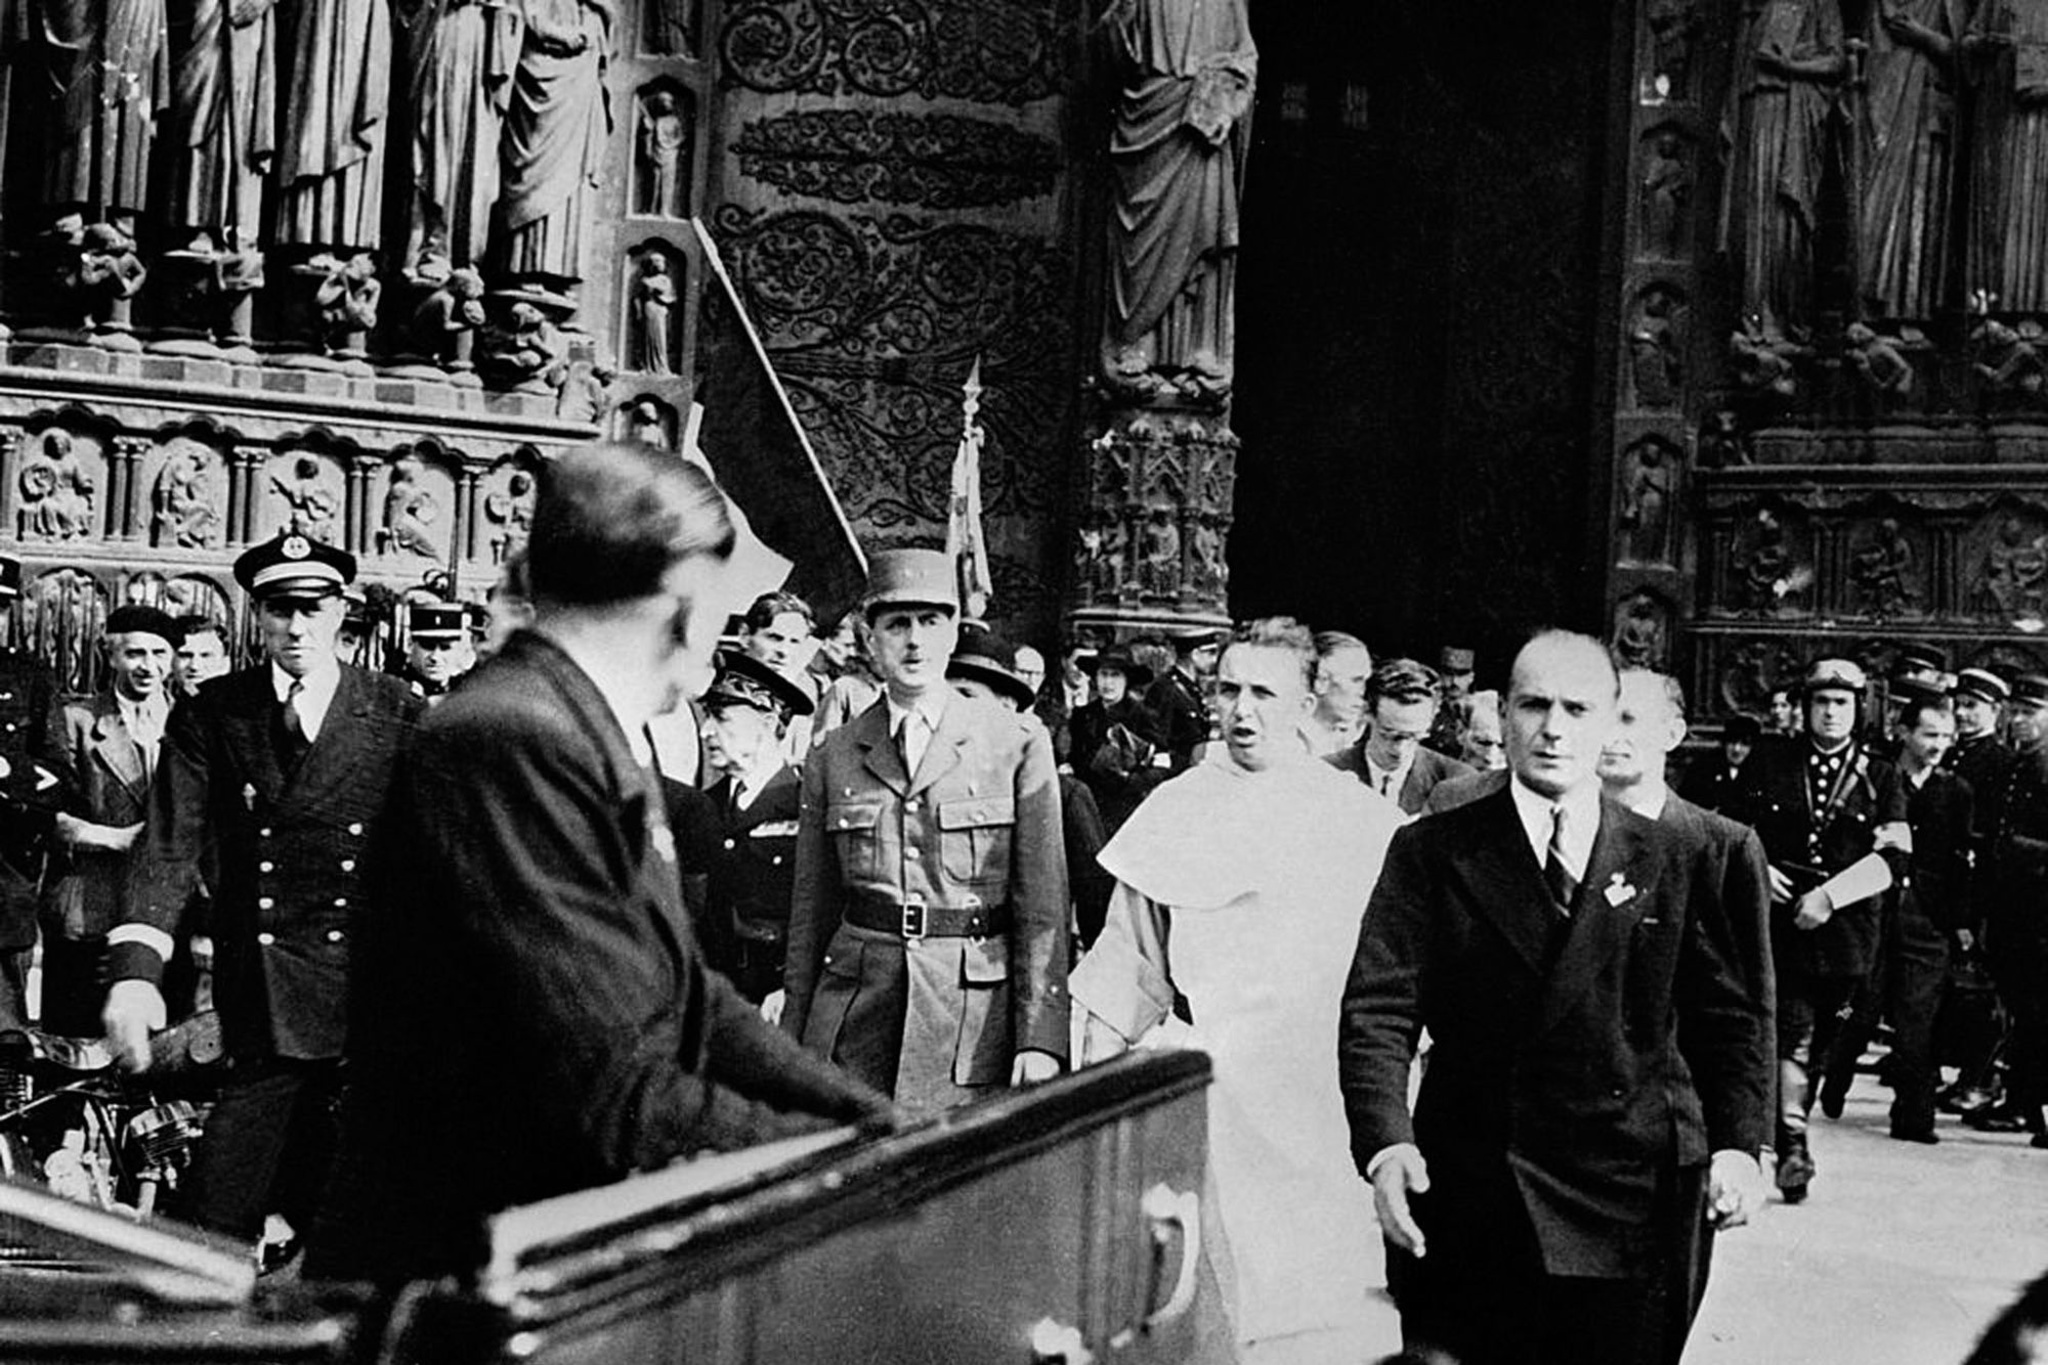 Août 1944, arrivée de Charles de Gaulle sur le parvis de la cathédrale de Paris, symbole de la Libération, Getty Images